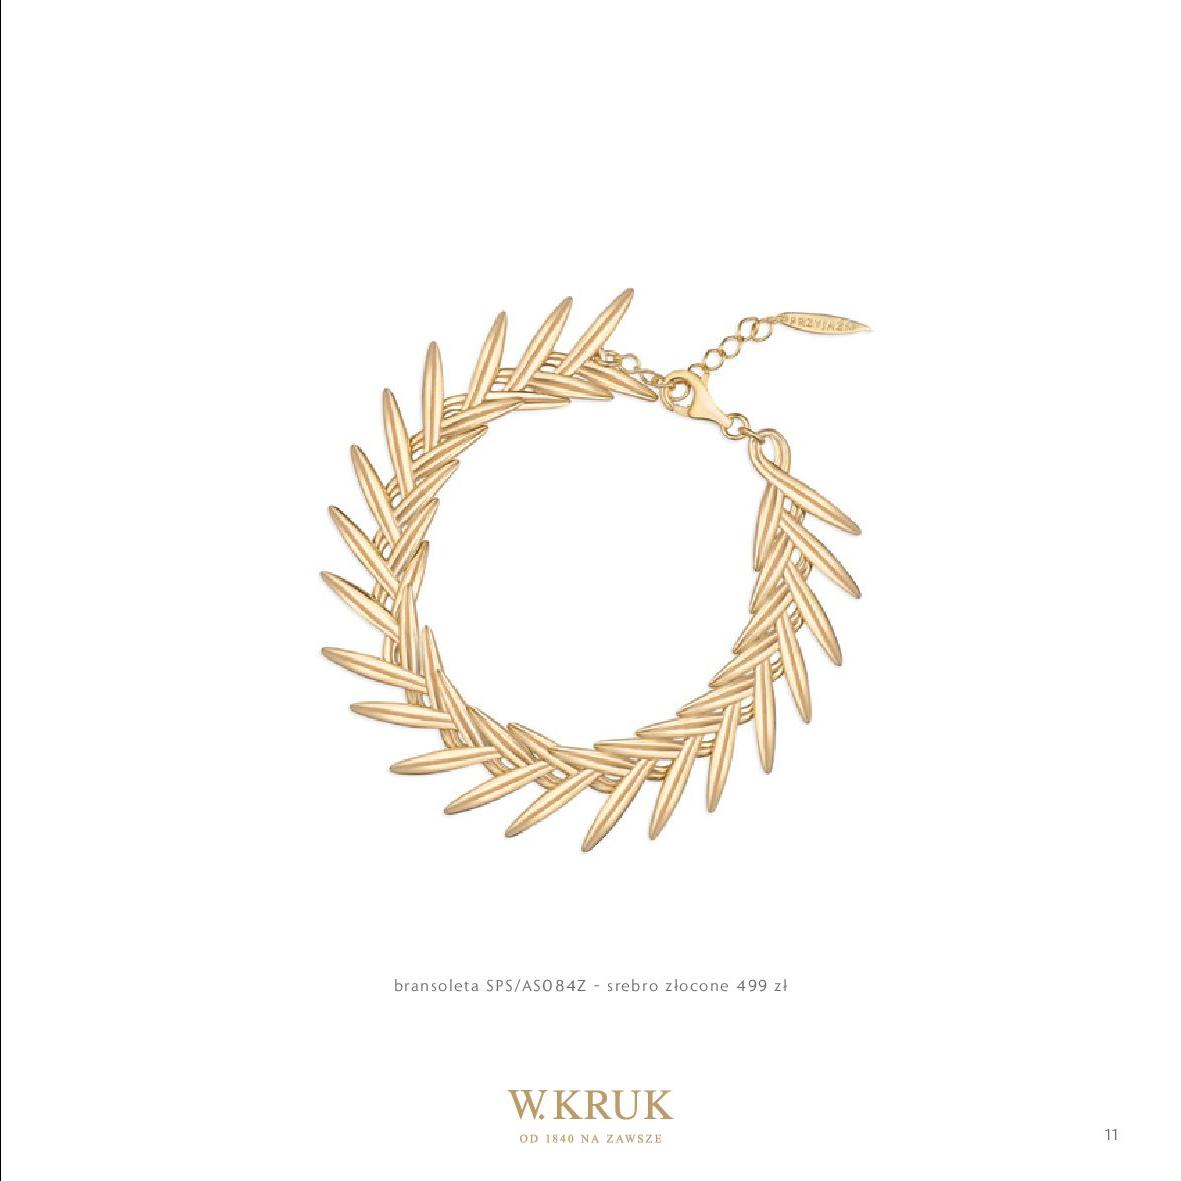 Gazetka W. KRUK: Katalog - Kolekcja Przyjaźń 2021-02-17 page-13